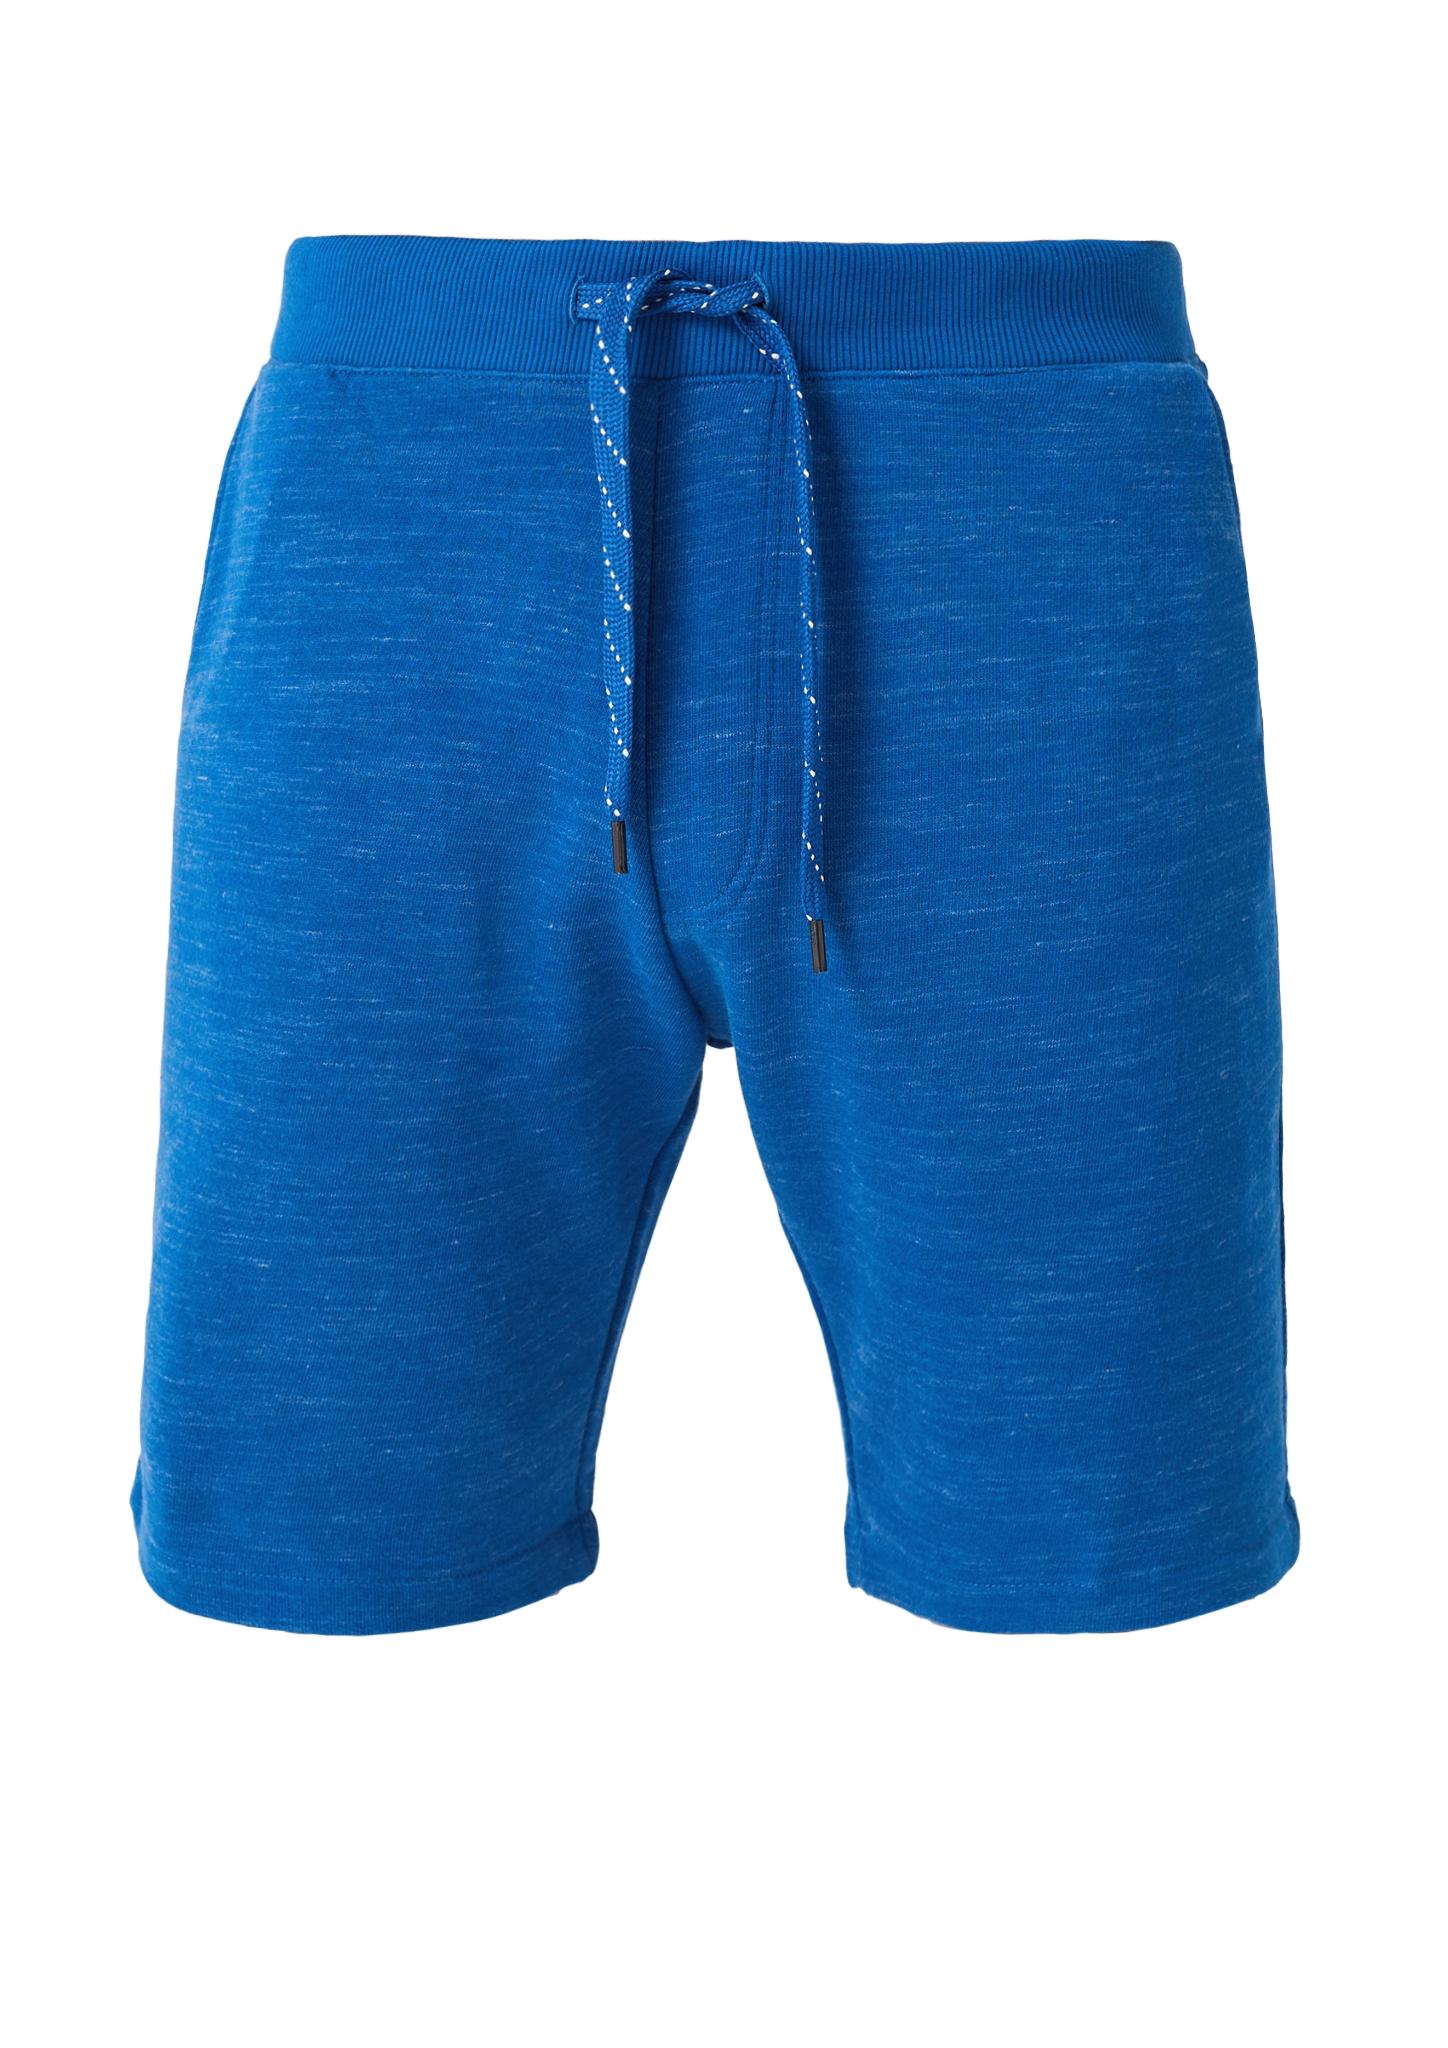 Bermuda | Bekleidung > Shorts & Bermudas > Bermudas | Blau | 95% baumwolle -  5% polyester | Q/S designed by